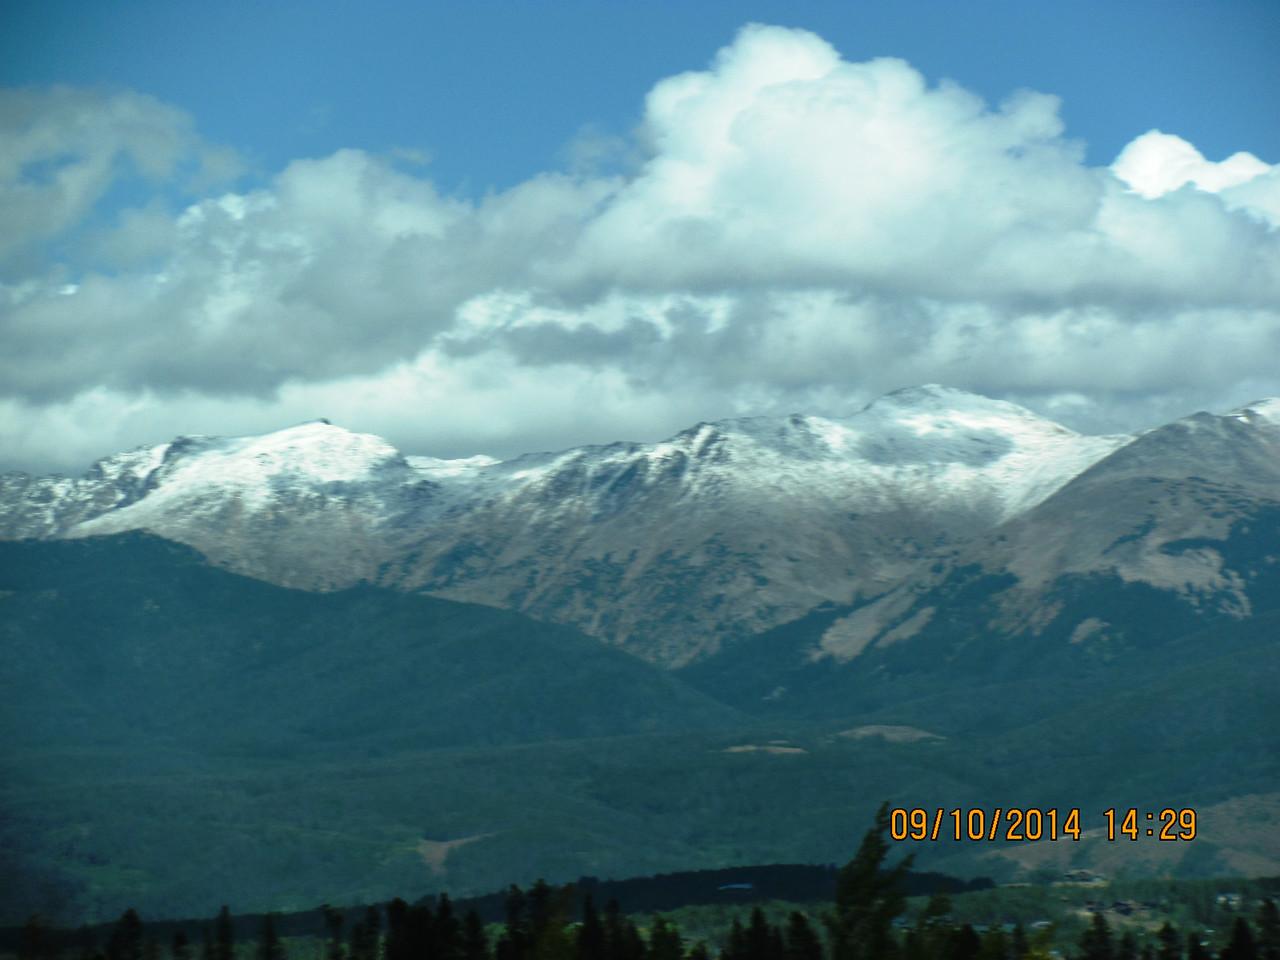 Snow on the high peaks already